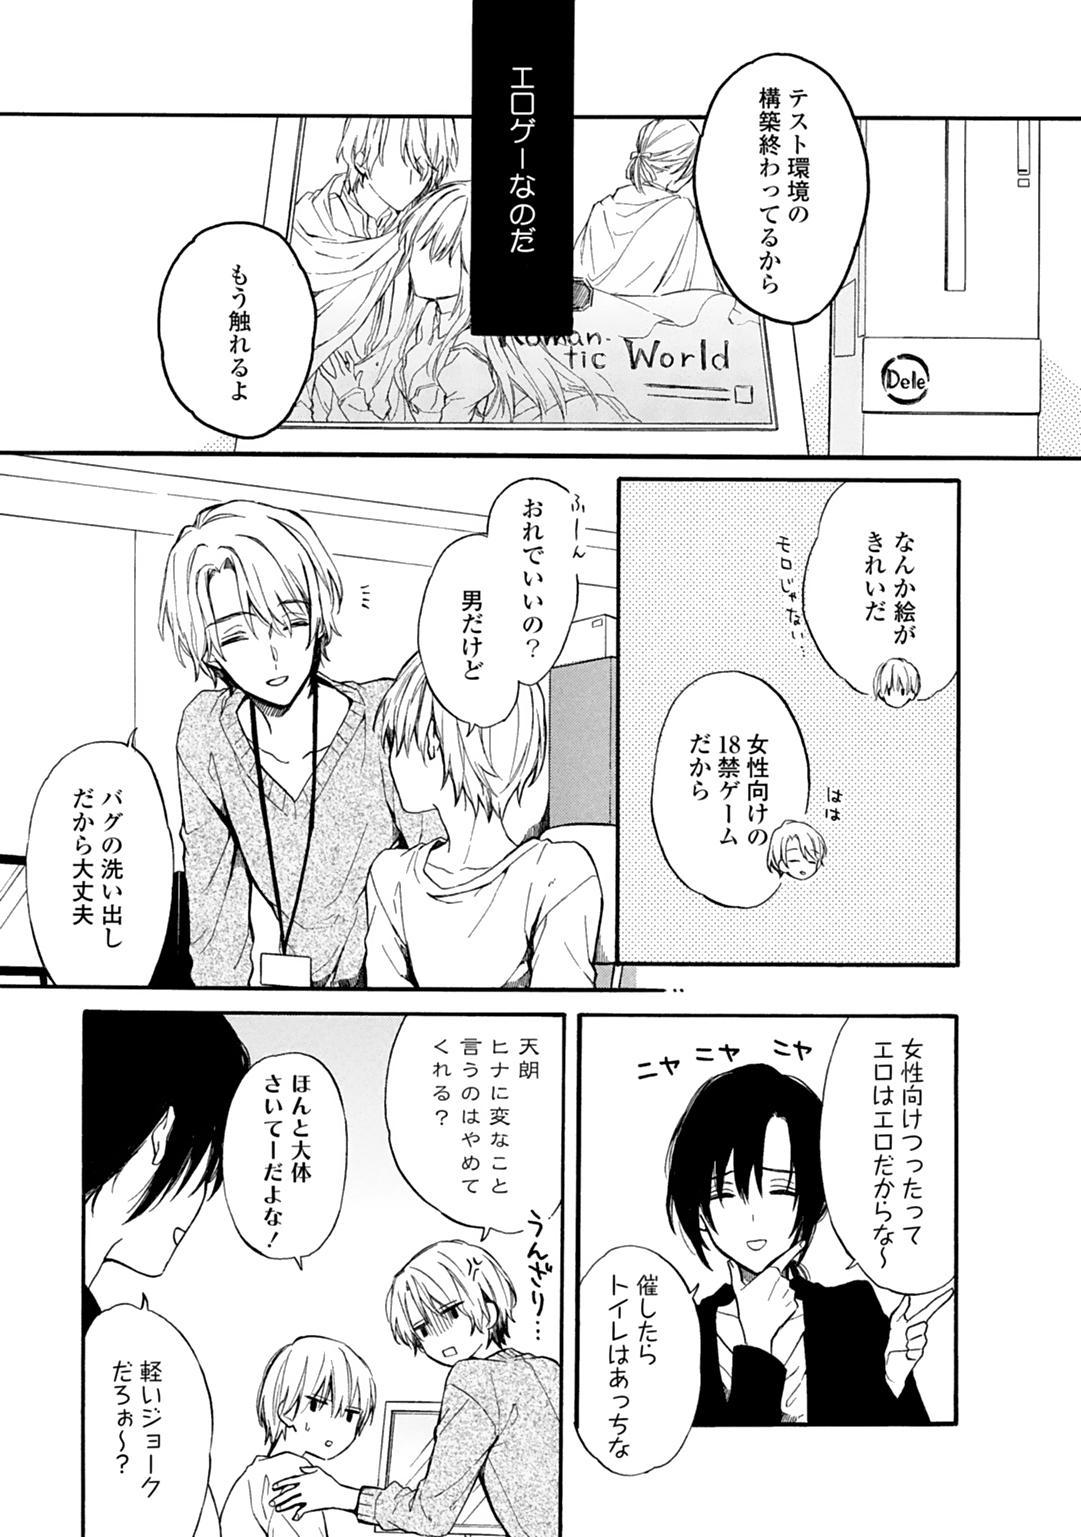 [Suzushiro Nerita] Otomege (18-kin) de Nyotaika shita Ore wa ~Clear Jouken wa Dekiai Ecchi!?~ 1-2 6